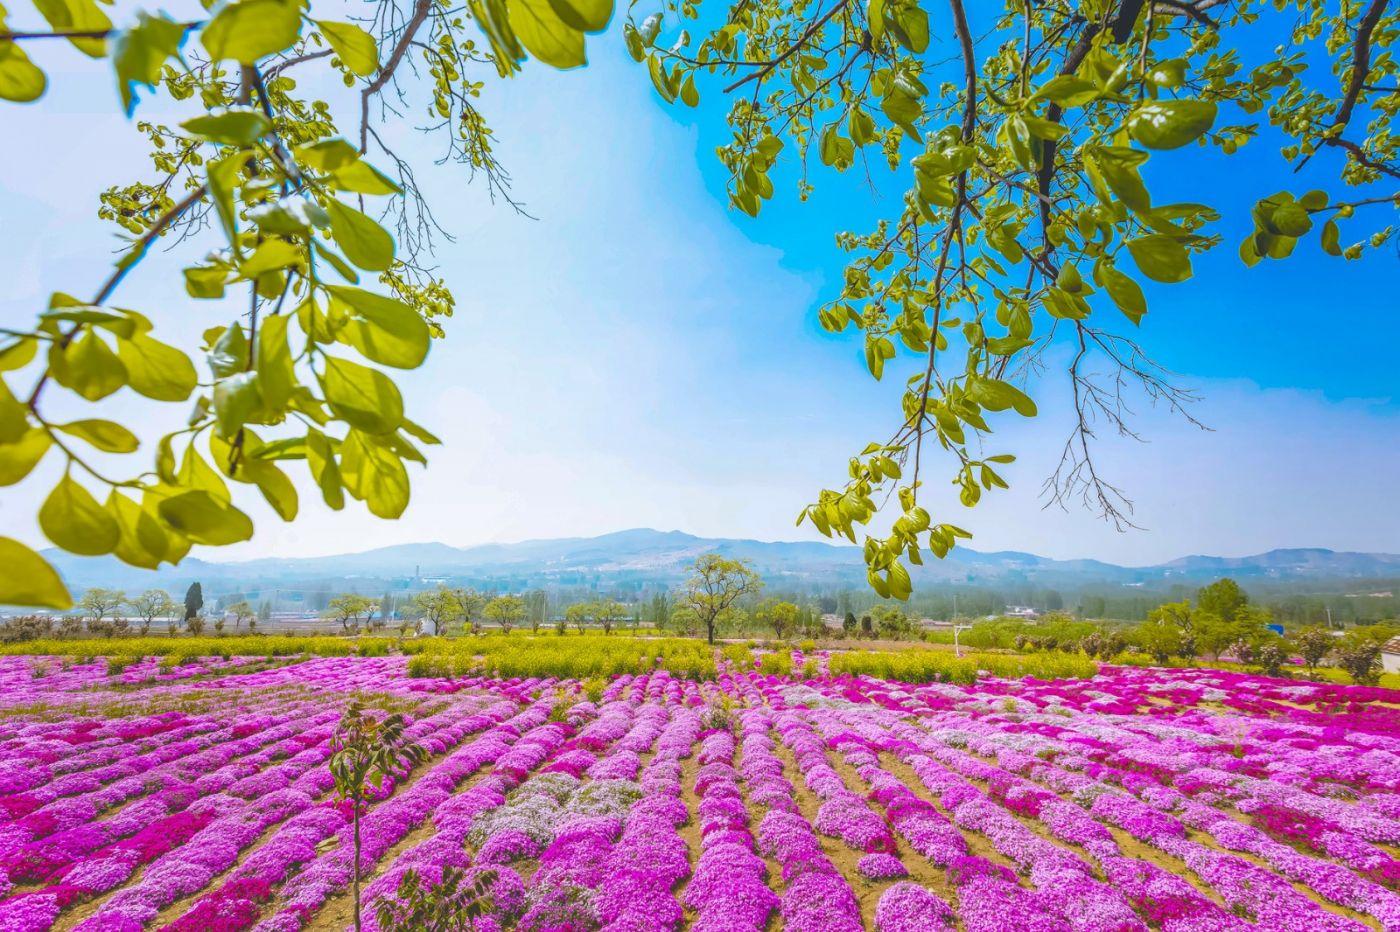 这个春天有点美 汉服仙子下凡尘 抓紧来临沂踏青赏花拍片片_图1-8